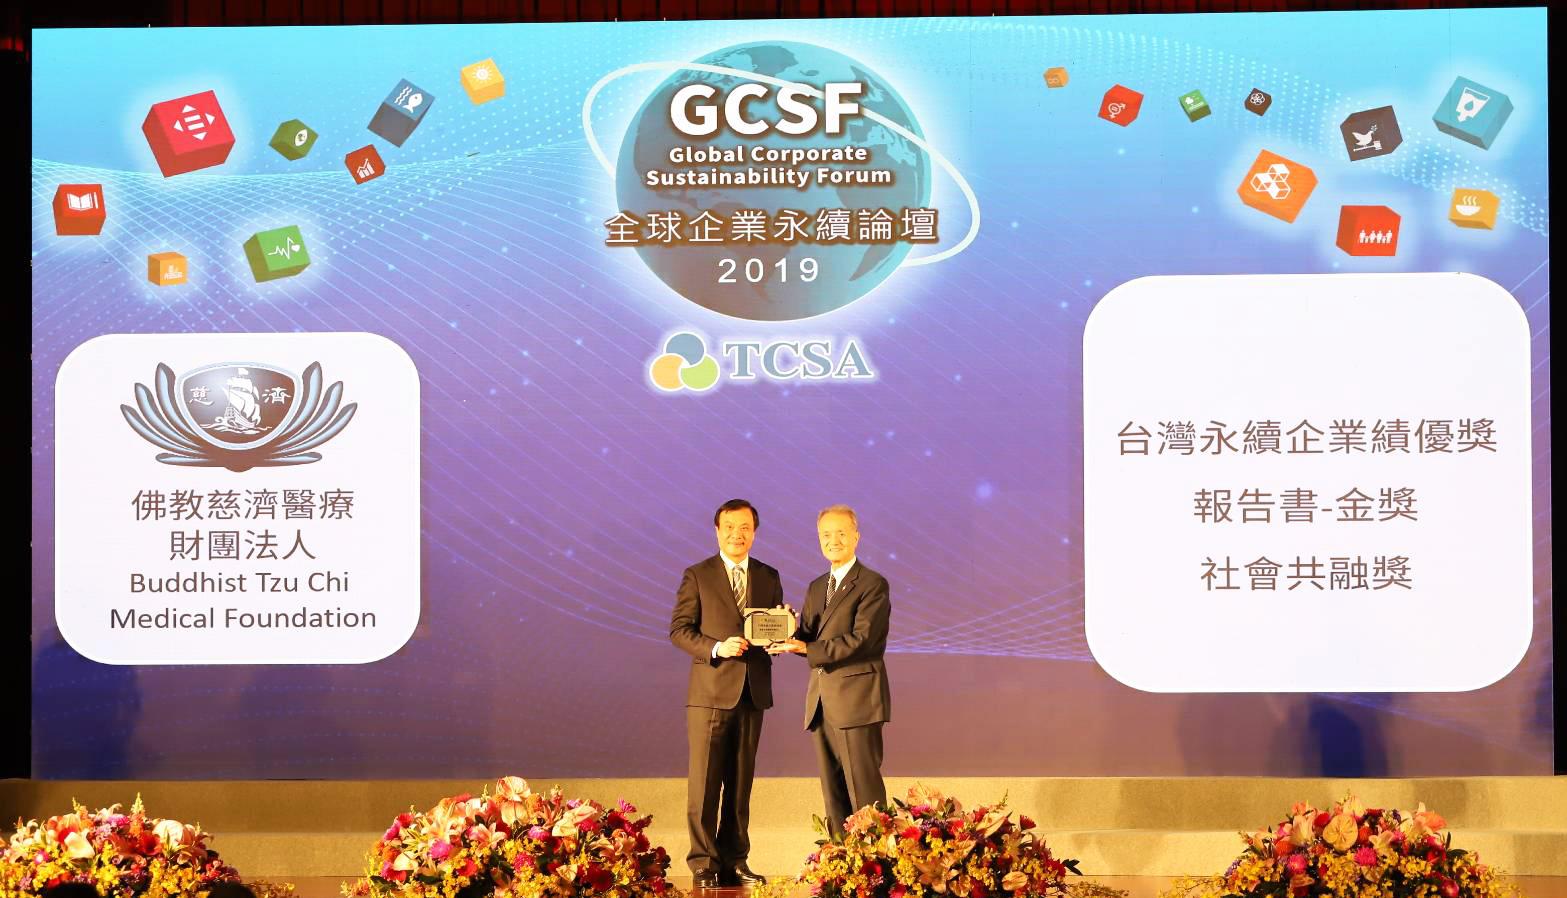 第十二屆TCSA台灣企業永續獎,2019年11月28日於圓山大飯店舉行頒獎典禮,慈濟醫療法人榮獲三項大獎,由立法院蘇嘉全院長(左)親自頒獎給慈濟醫療法人林俊龍執行長。